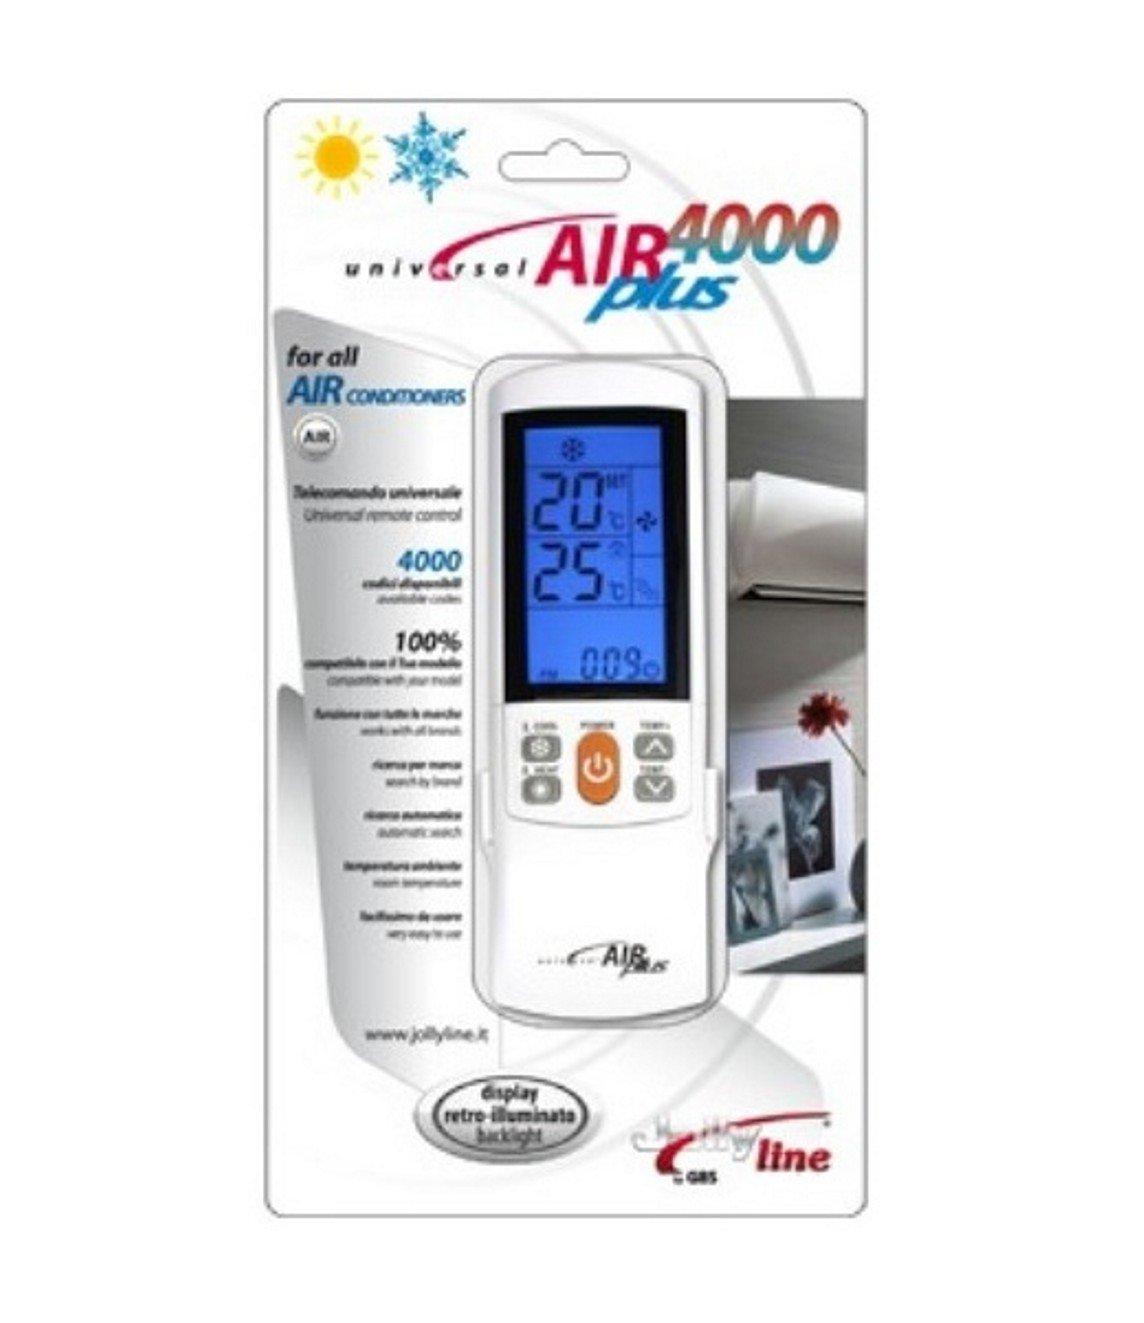 Elcart Telecomando universale per aria condizionata climatizzatore condizionamento Air4000Plus Universal Jollyline